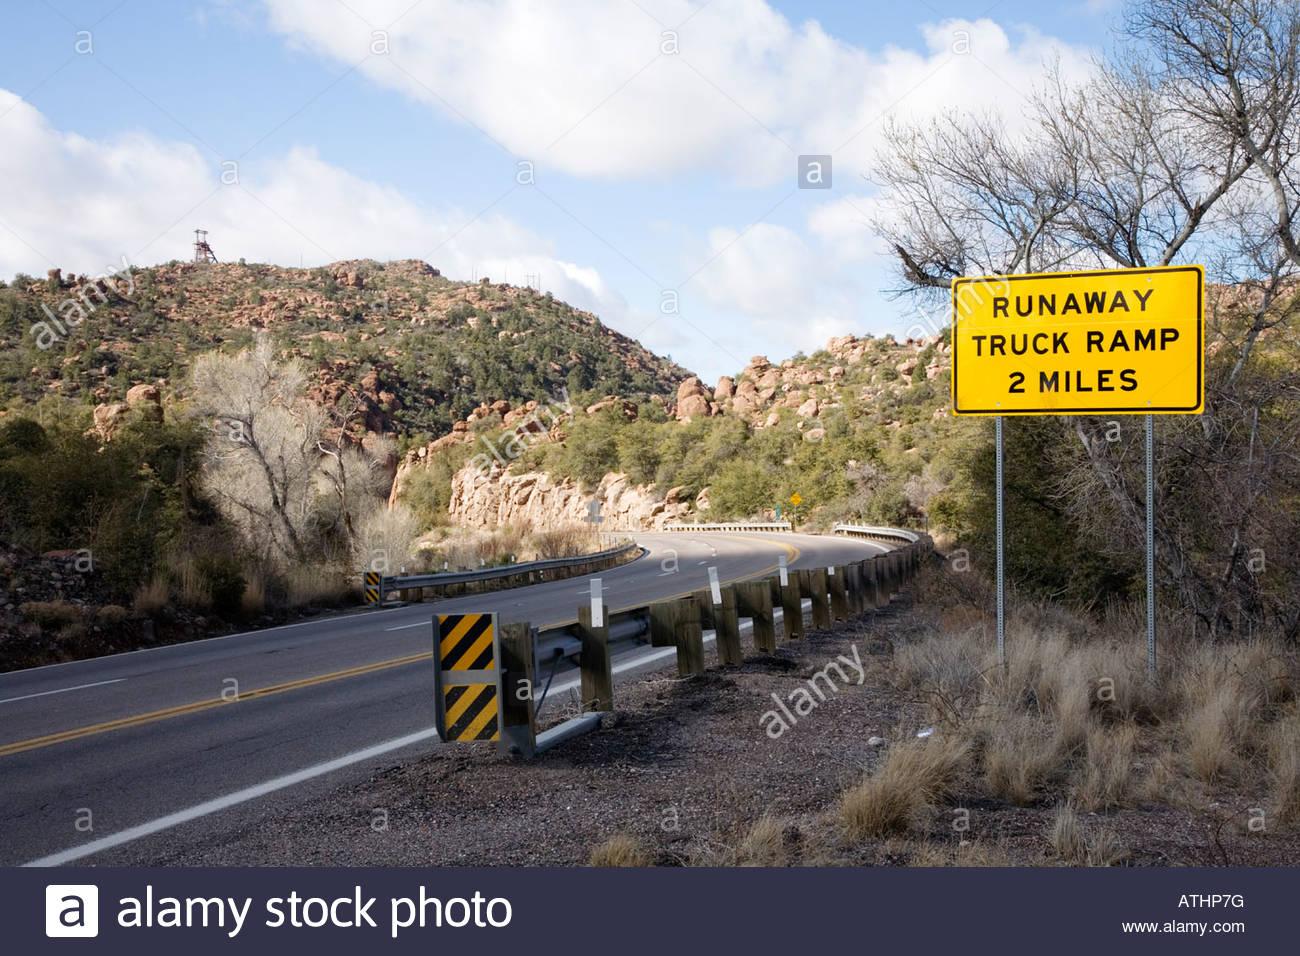 Highway Sign Warning Caution Runaway Truck Ramp 2 miles U S Highway 70 Queen Creek Arizona - Stock Image